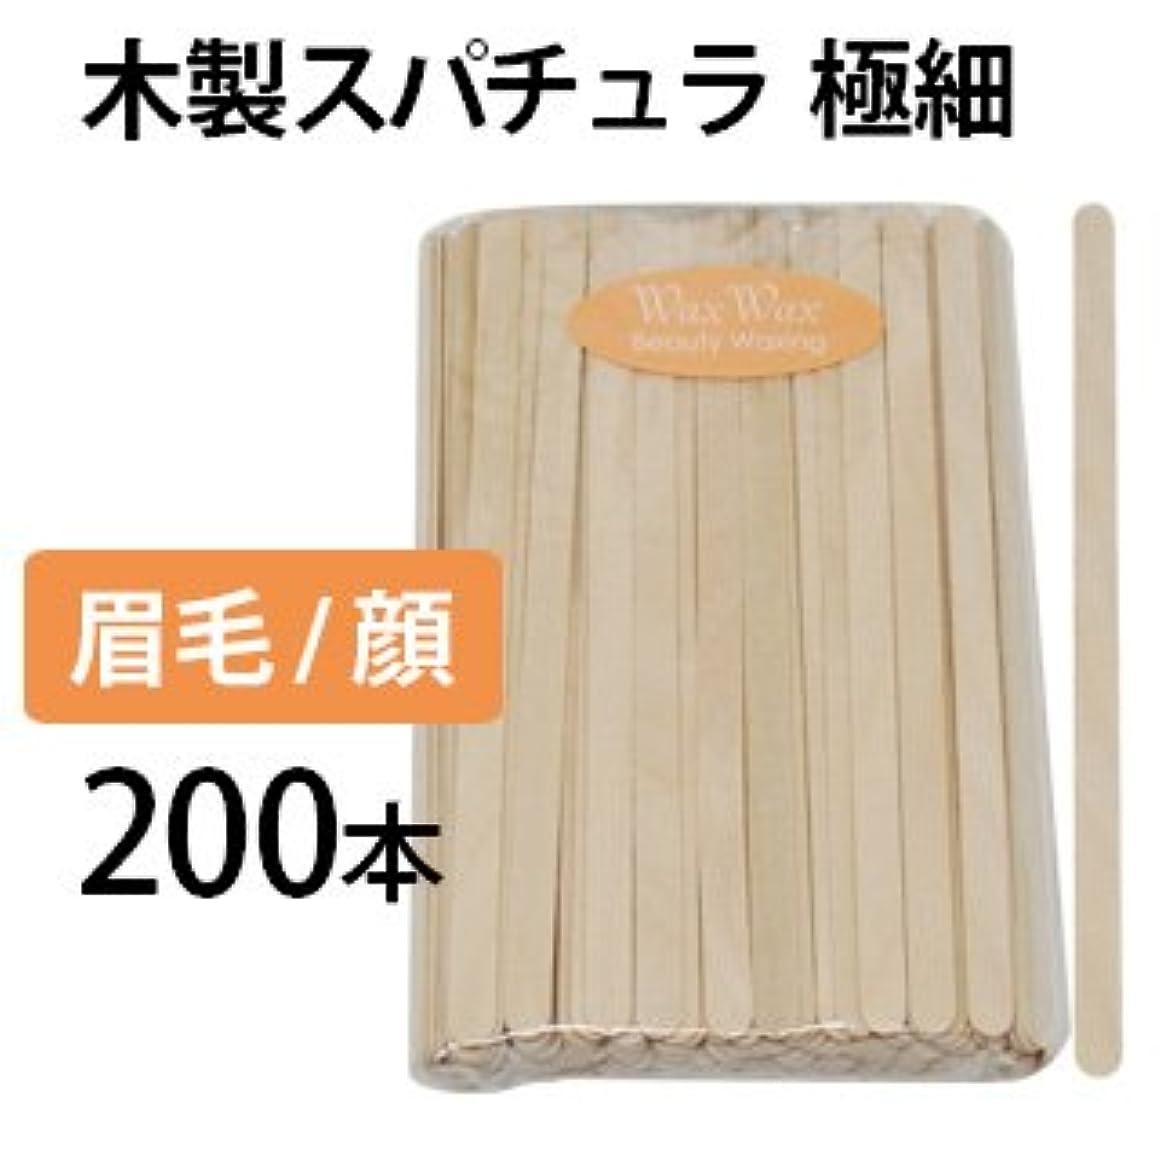 先懲らしめスリラー眉毛 アイブロウ用スパチュラ 200本セット 極細 木製スパチュラ 使い捨て